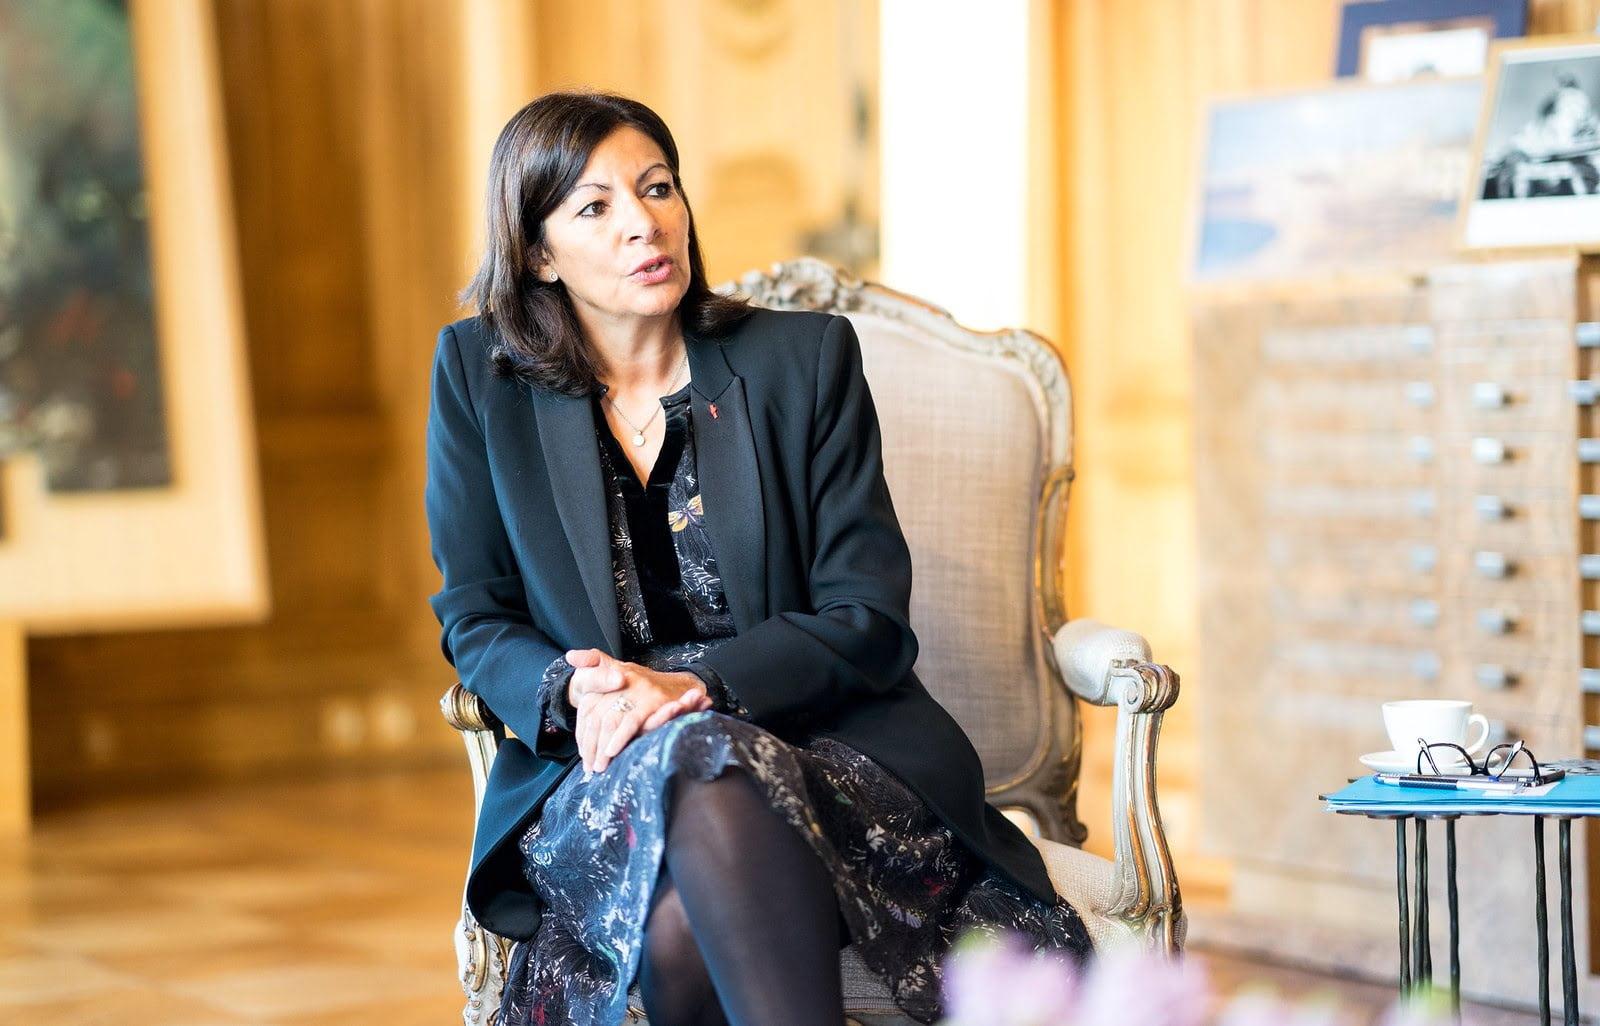 Reeleita, prefeita de Paris planeja aumentar cerco a carros e criar 'cidade de 15 minutos'